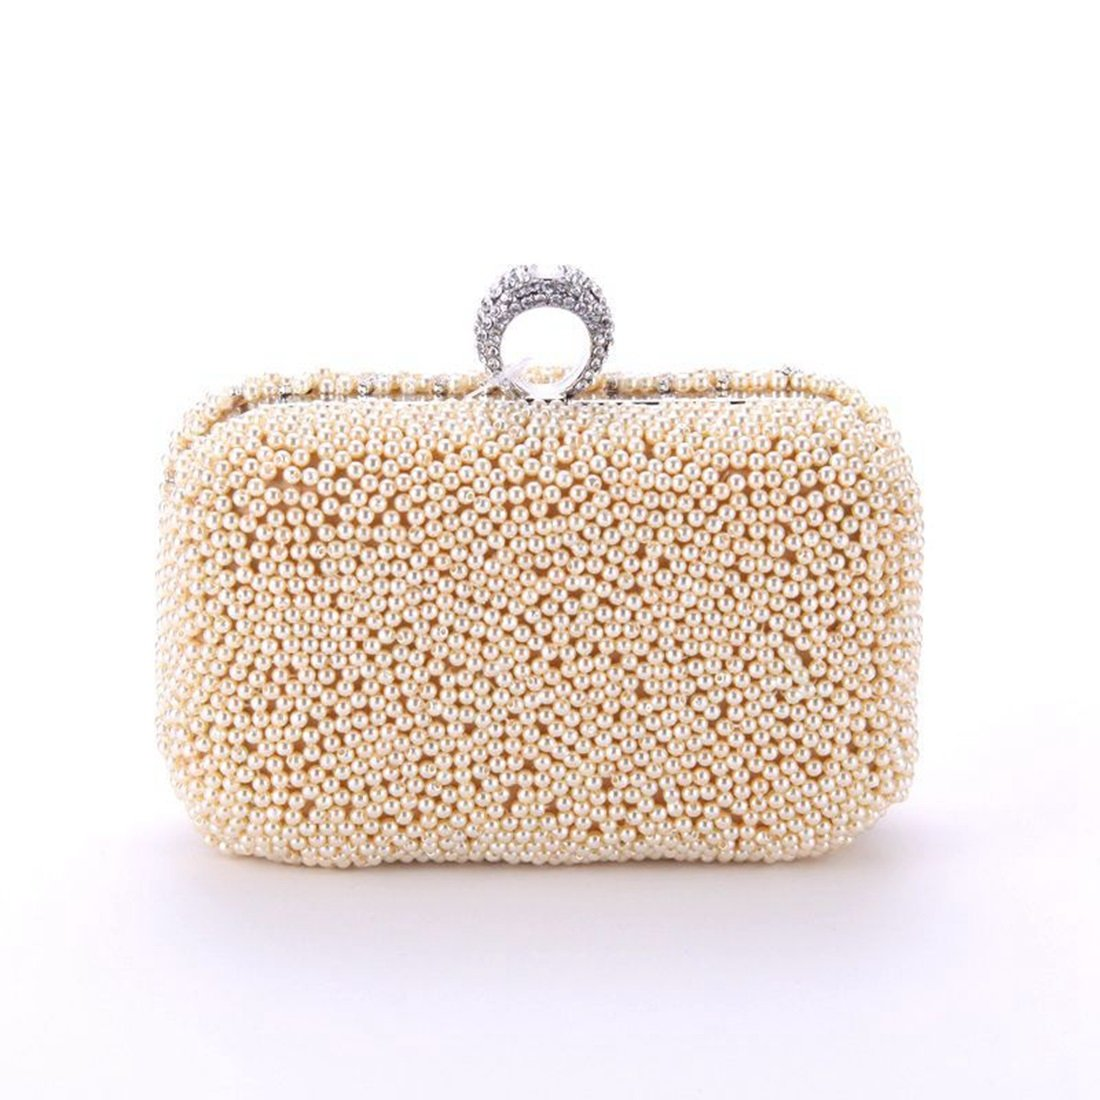 Lightlila Mondschein-Blaumen-Handtaschen-Kupplungs-Geldbeutel-weibliche Taschen-Gitter-Perlenstickerei-Fertigkeit-Abend-Tasche (Farbe (Farbe (Farbe   Champagne) B07PM4QCND Clutches Moderne Technologie f8e3f0